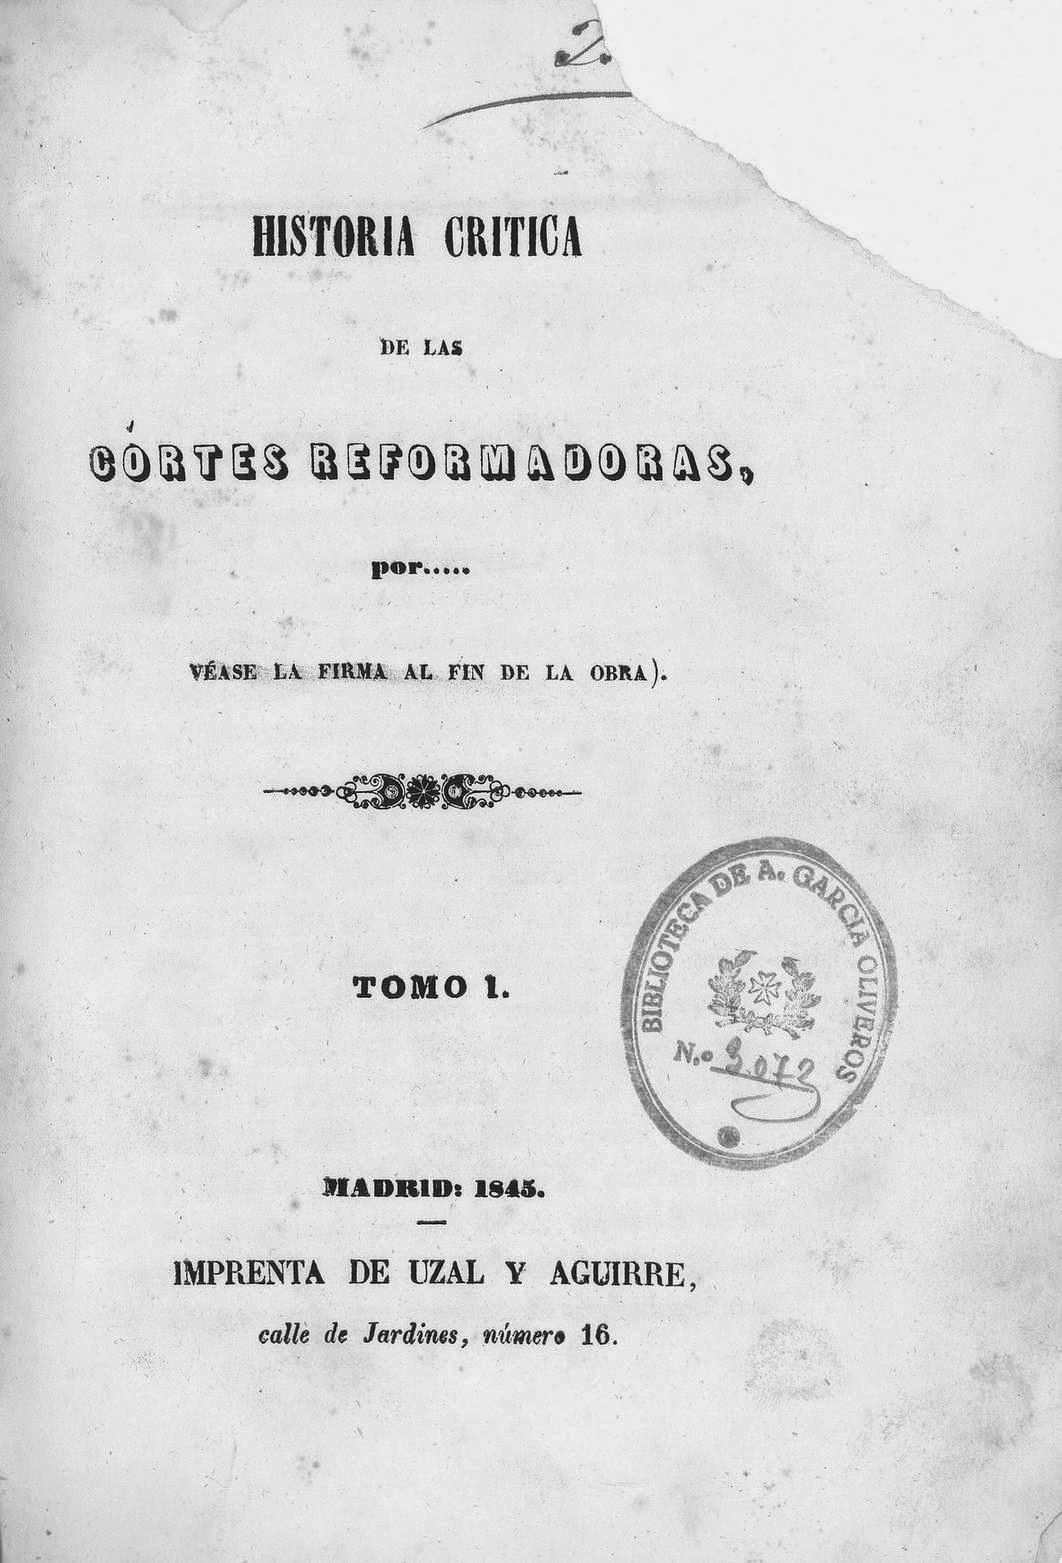 Historia crítica de las cortes reformadoras